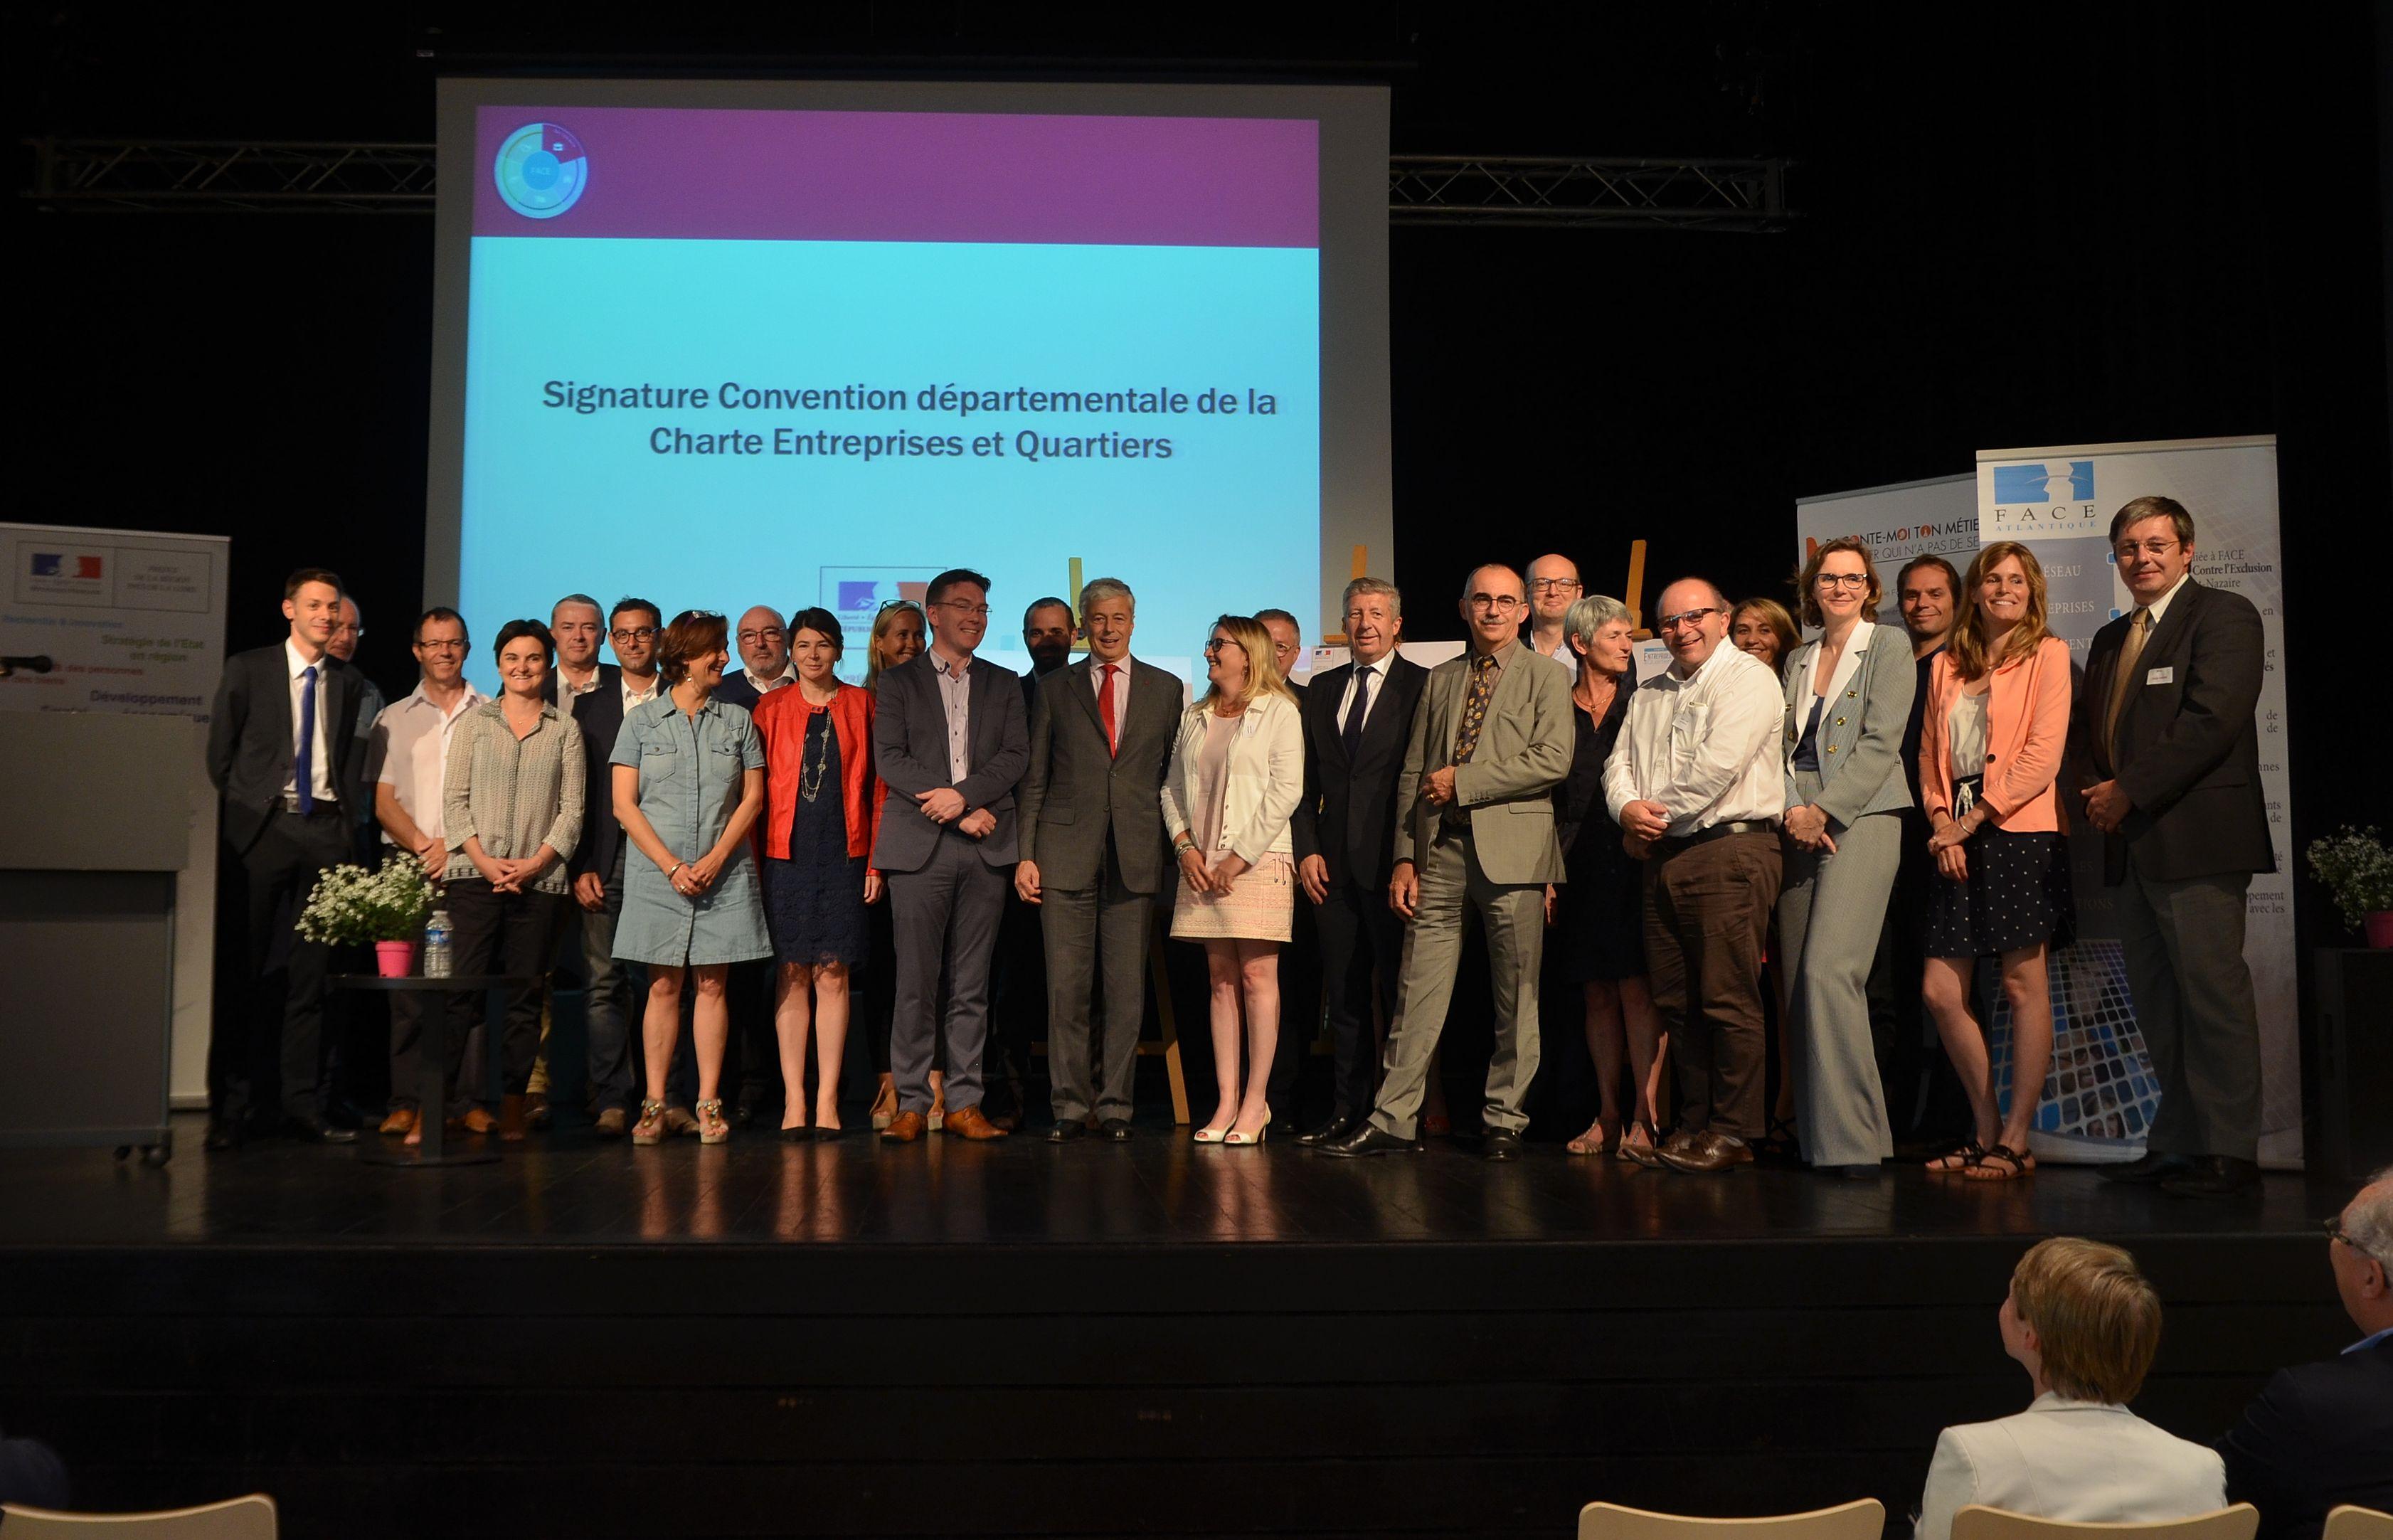 Signature de la convention de la charte entreprise et quartier 6 juillet 2016 Nantes 10 ans de Face 44